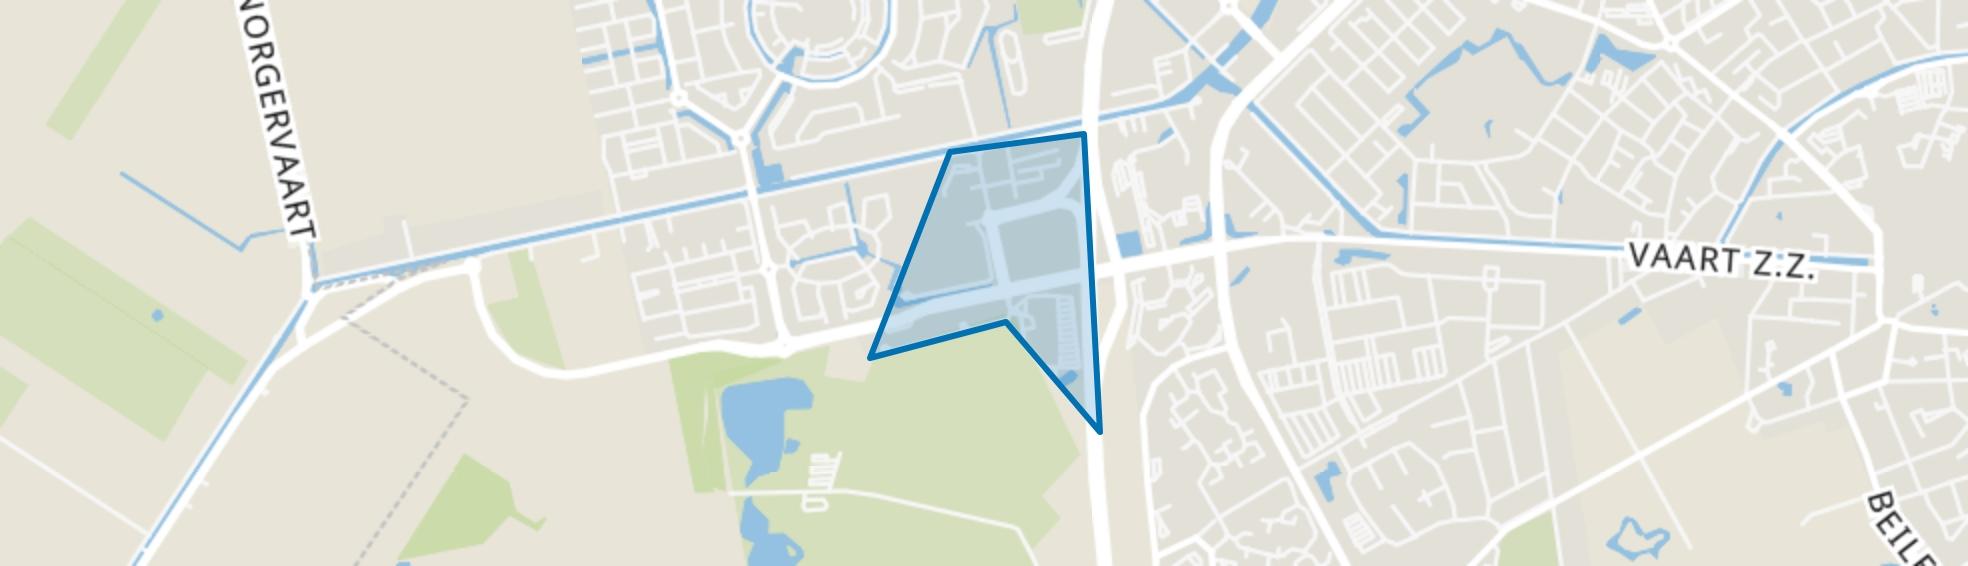 De Zoom, Assen map